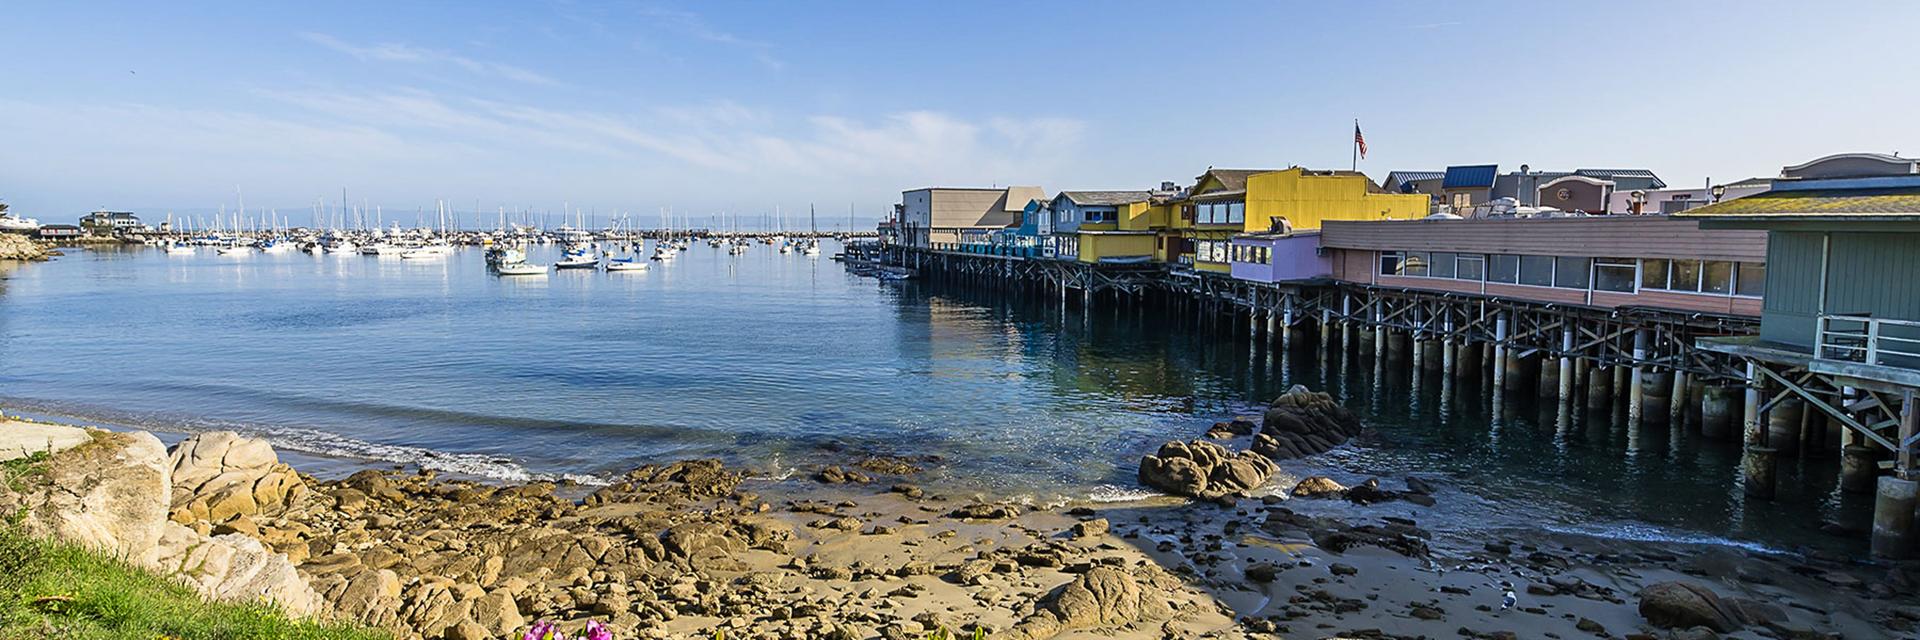 Monterey Activities & Local Guide